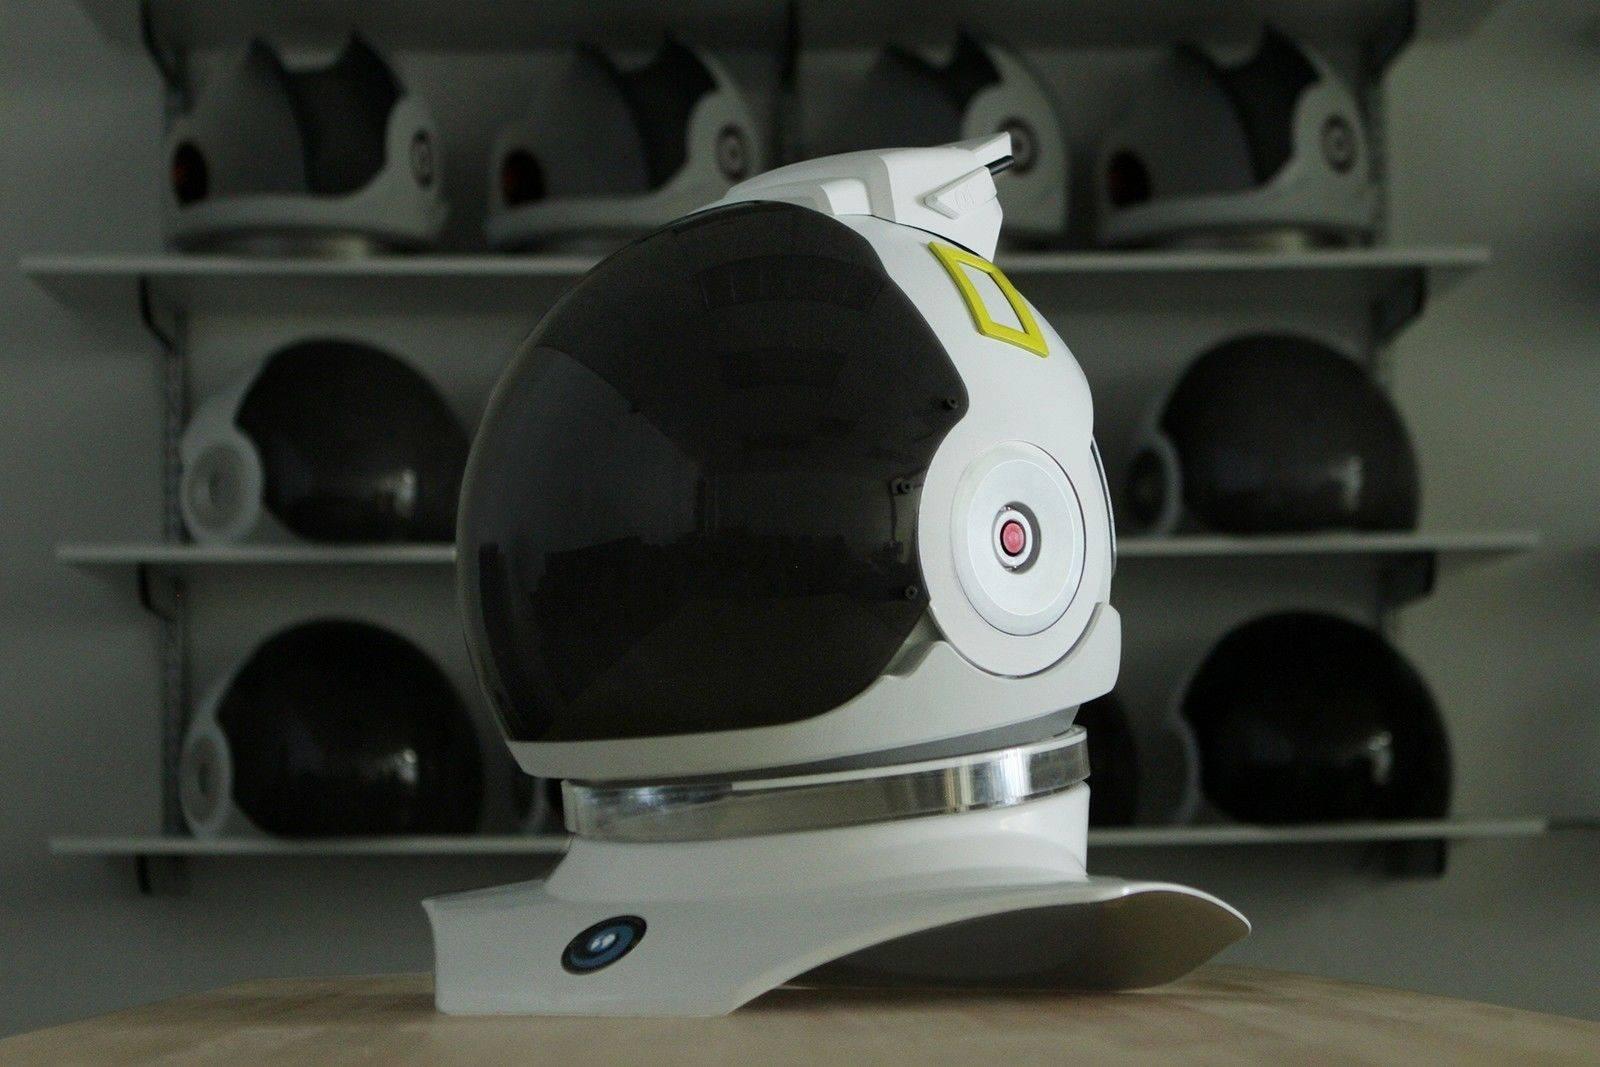 戴上这个宇航员 VR 头盔,感受第一视角的地球美景